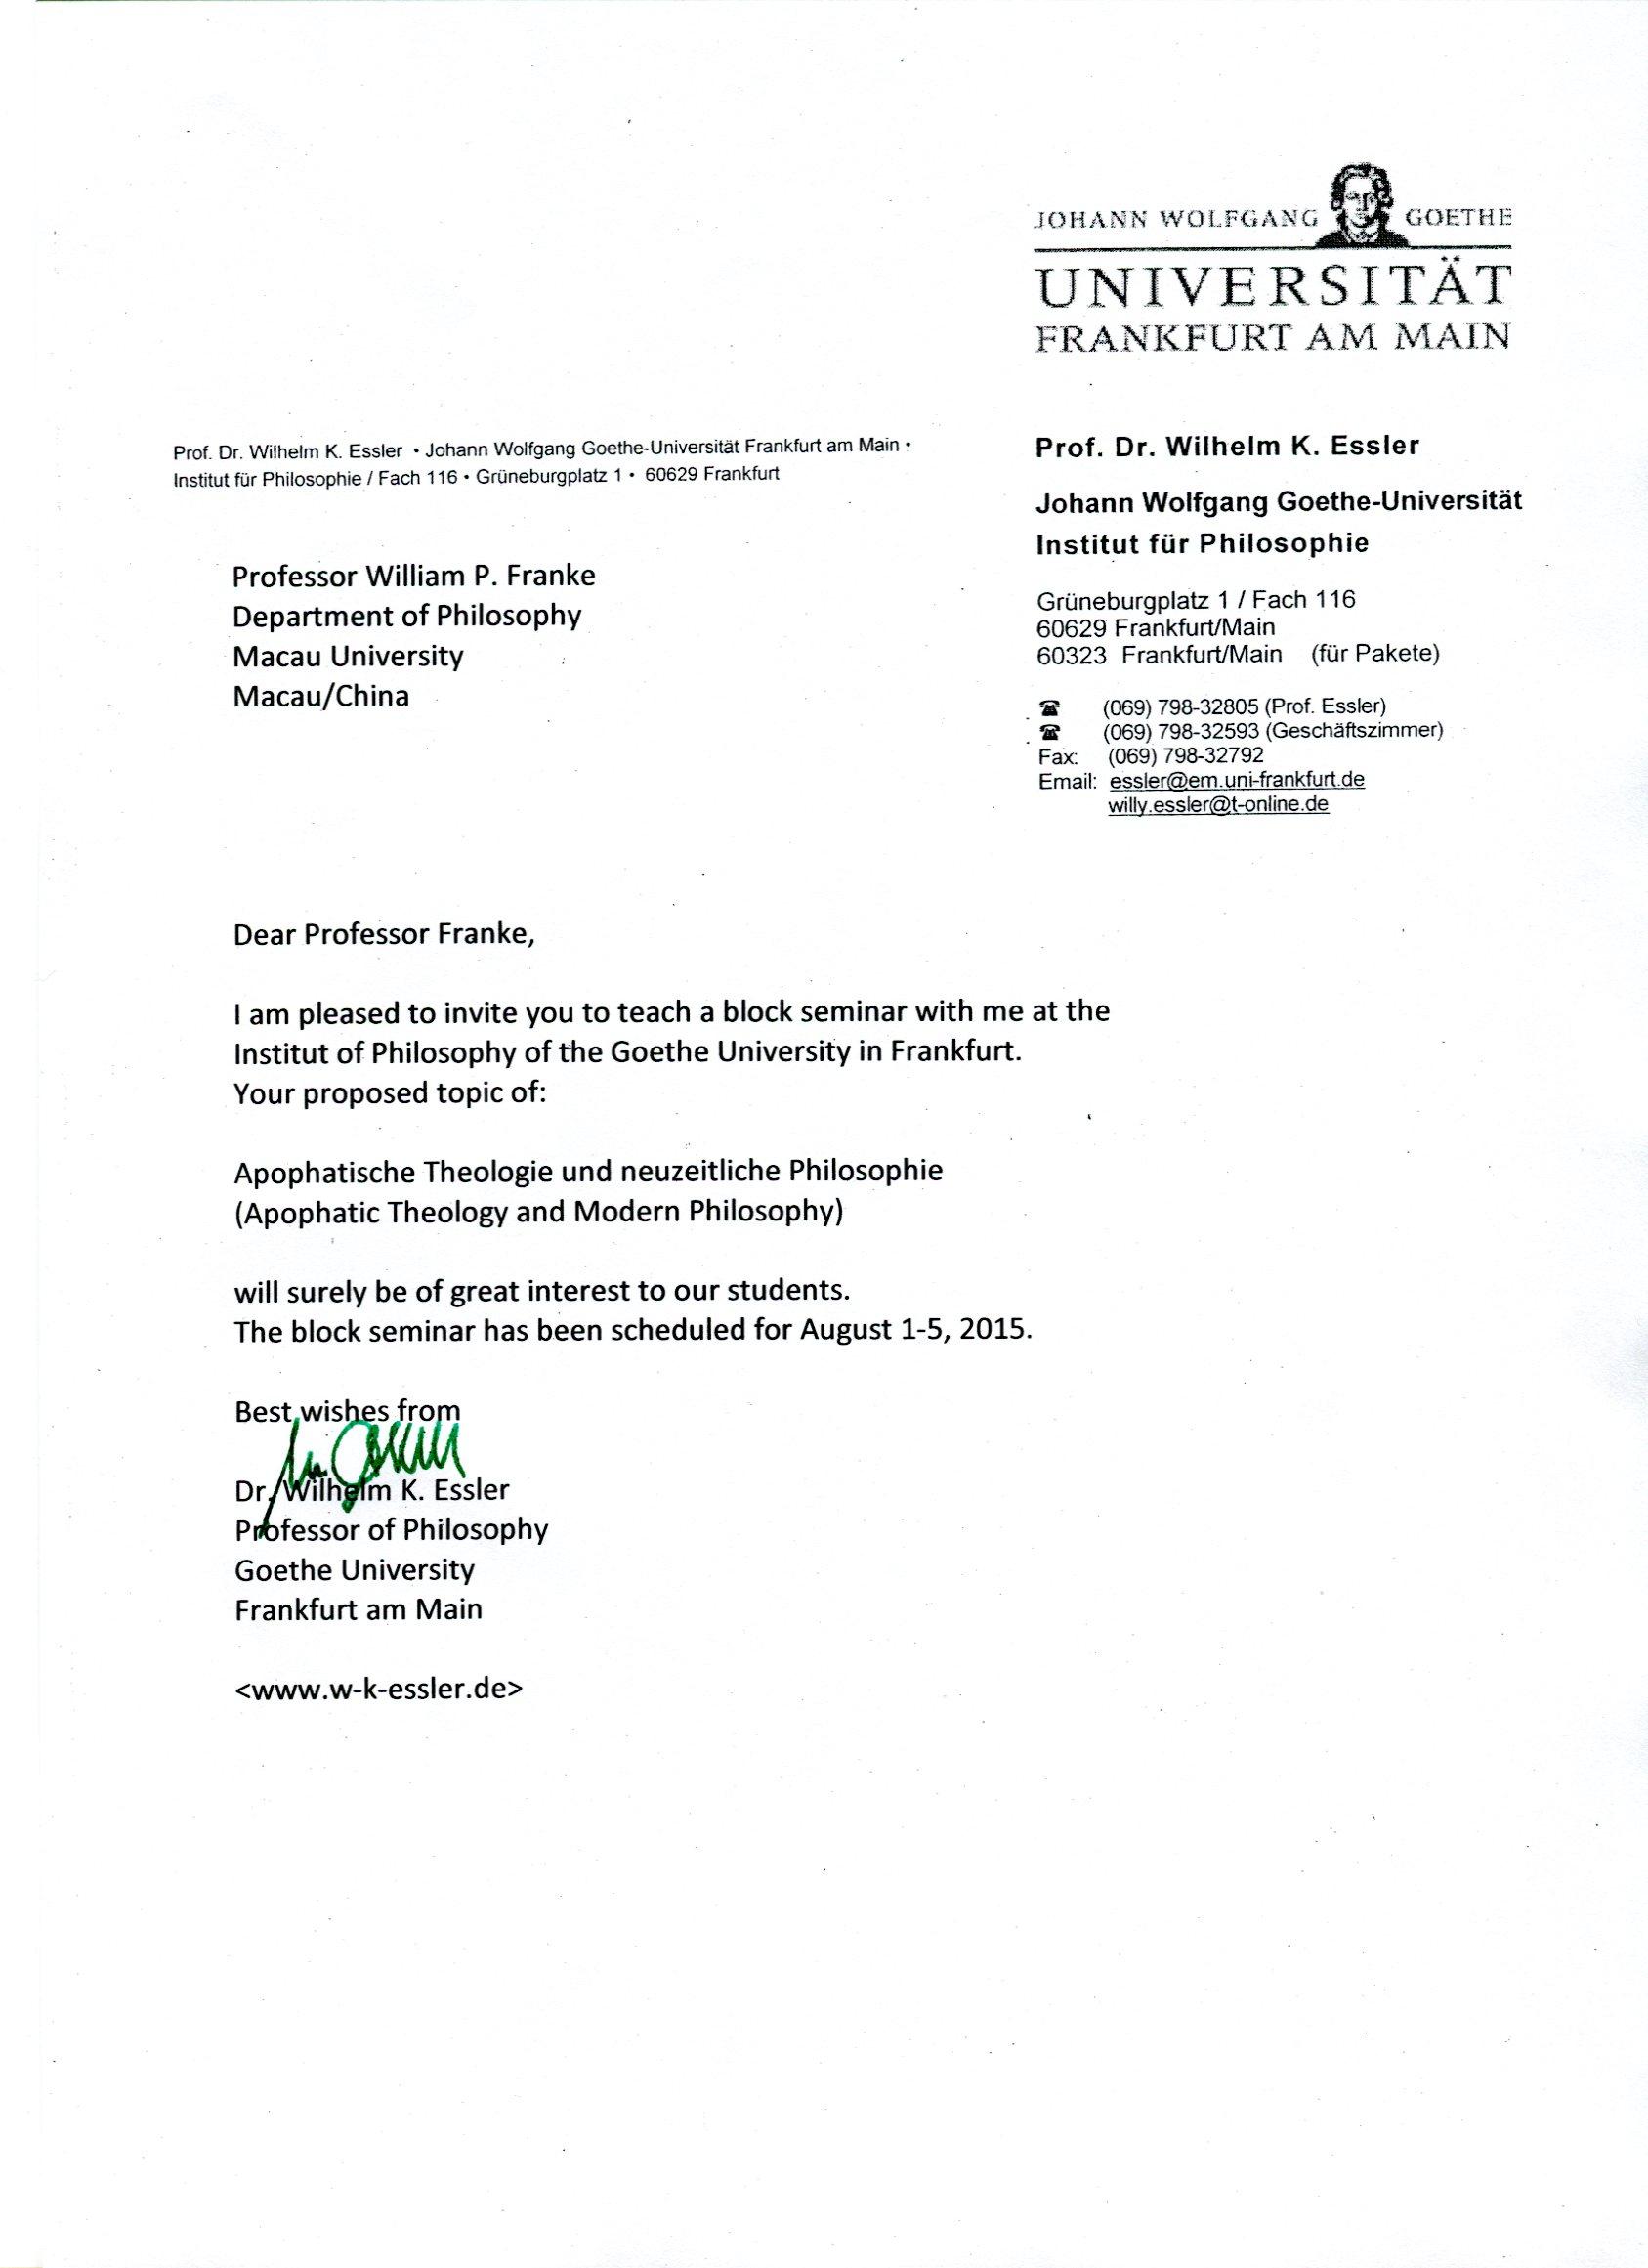 Invitation - Frankfurt seminar